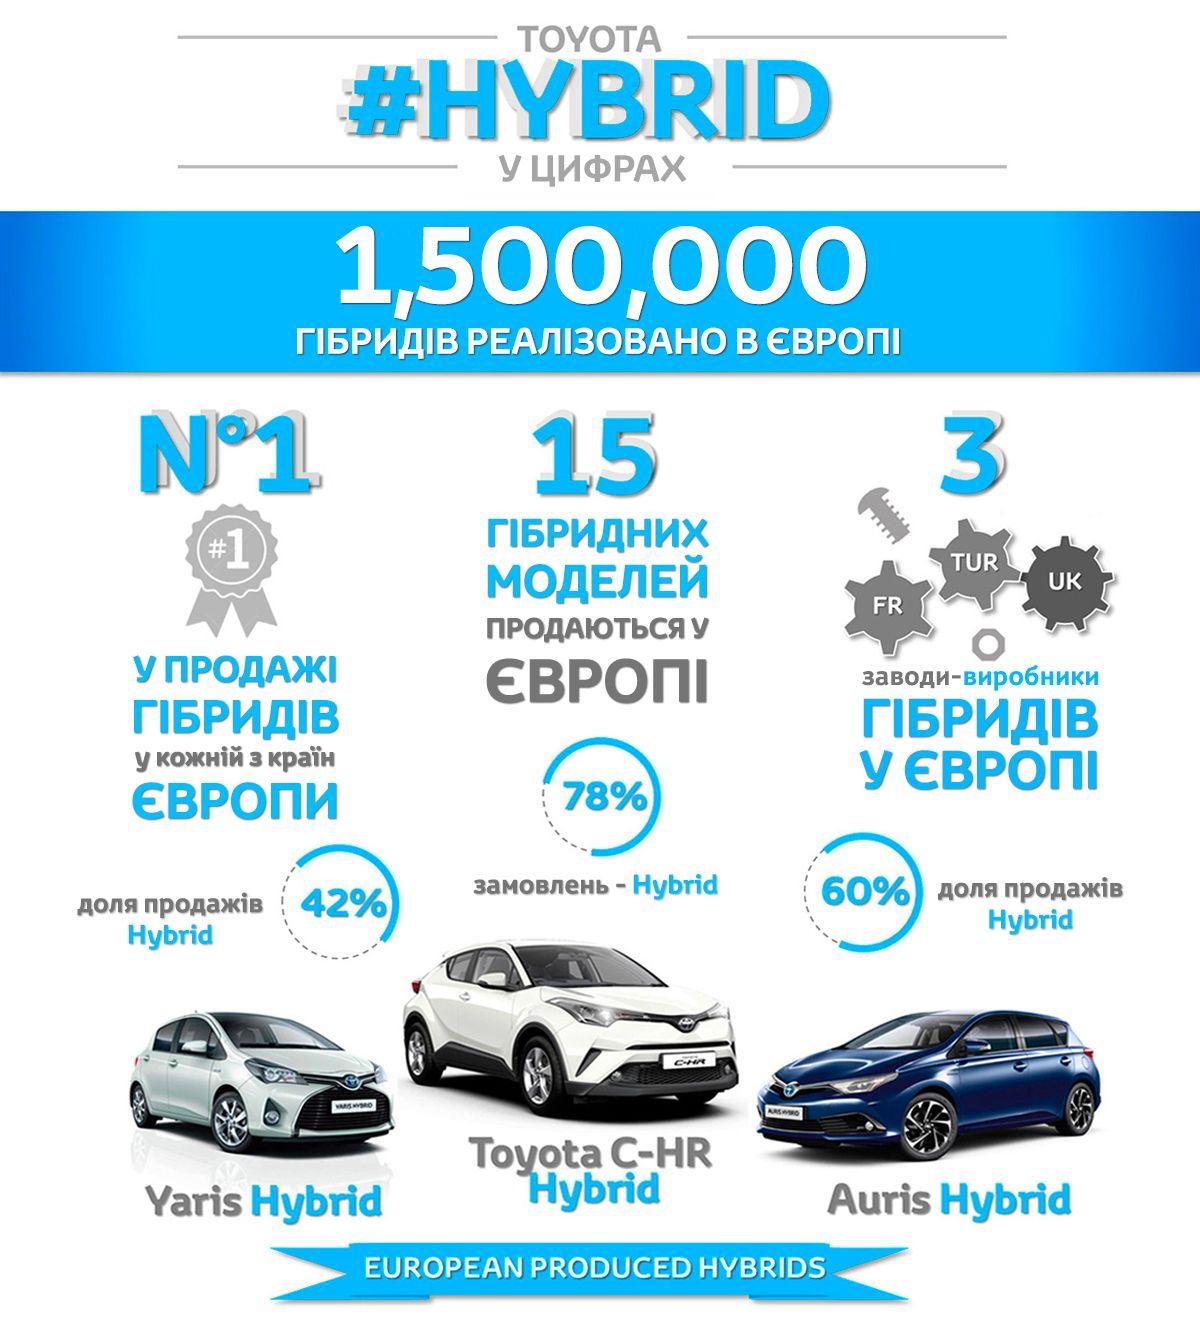 10 мільйонів гібридних моделей